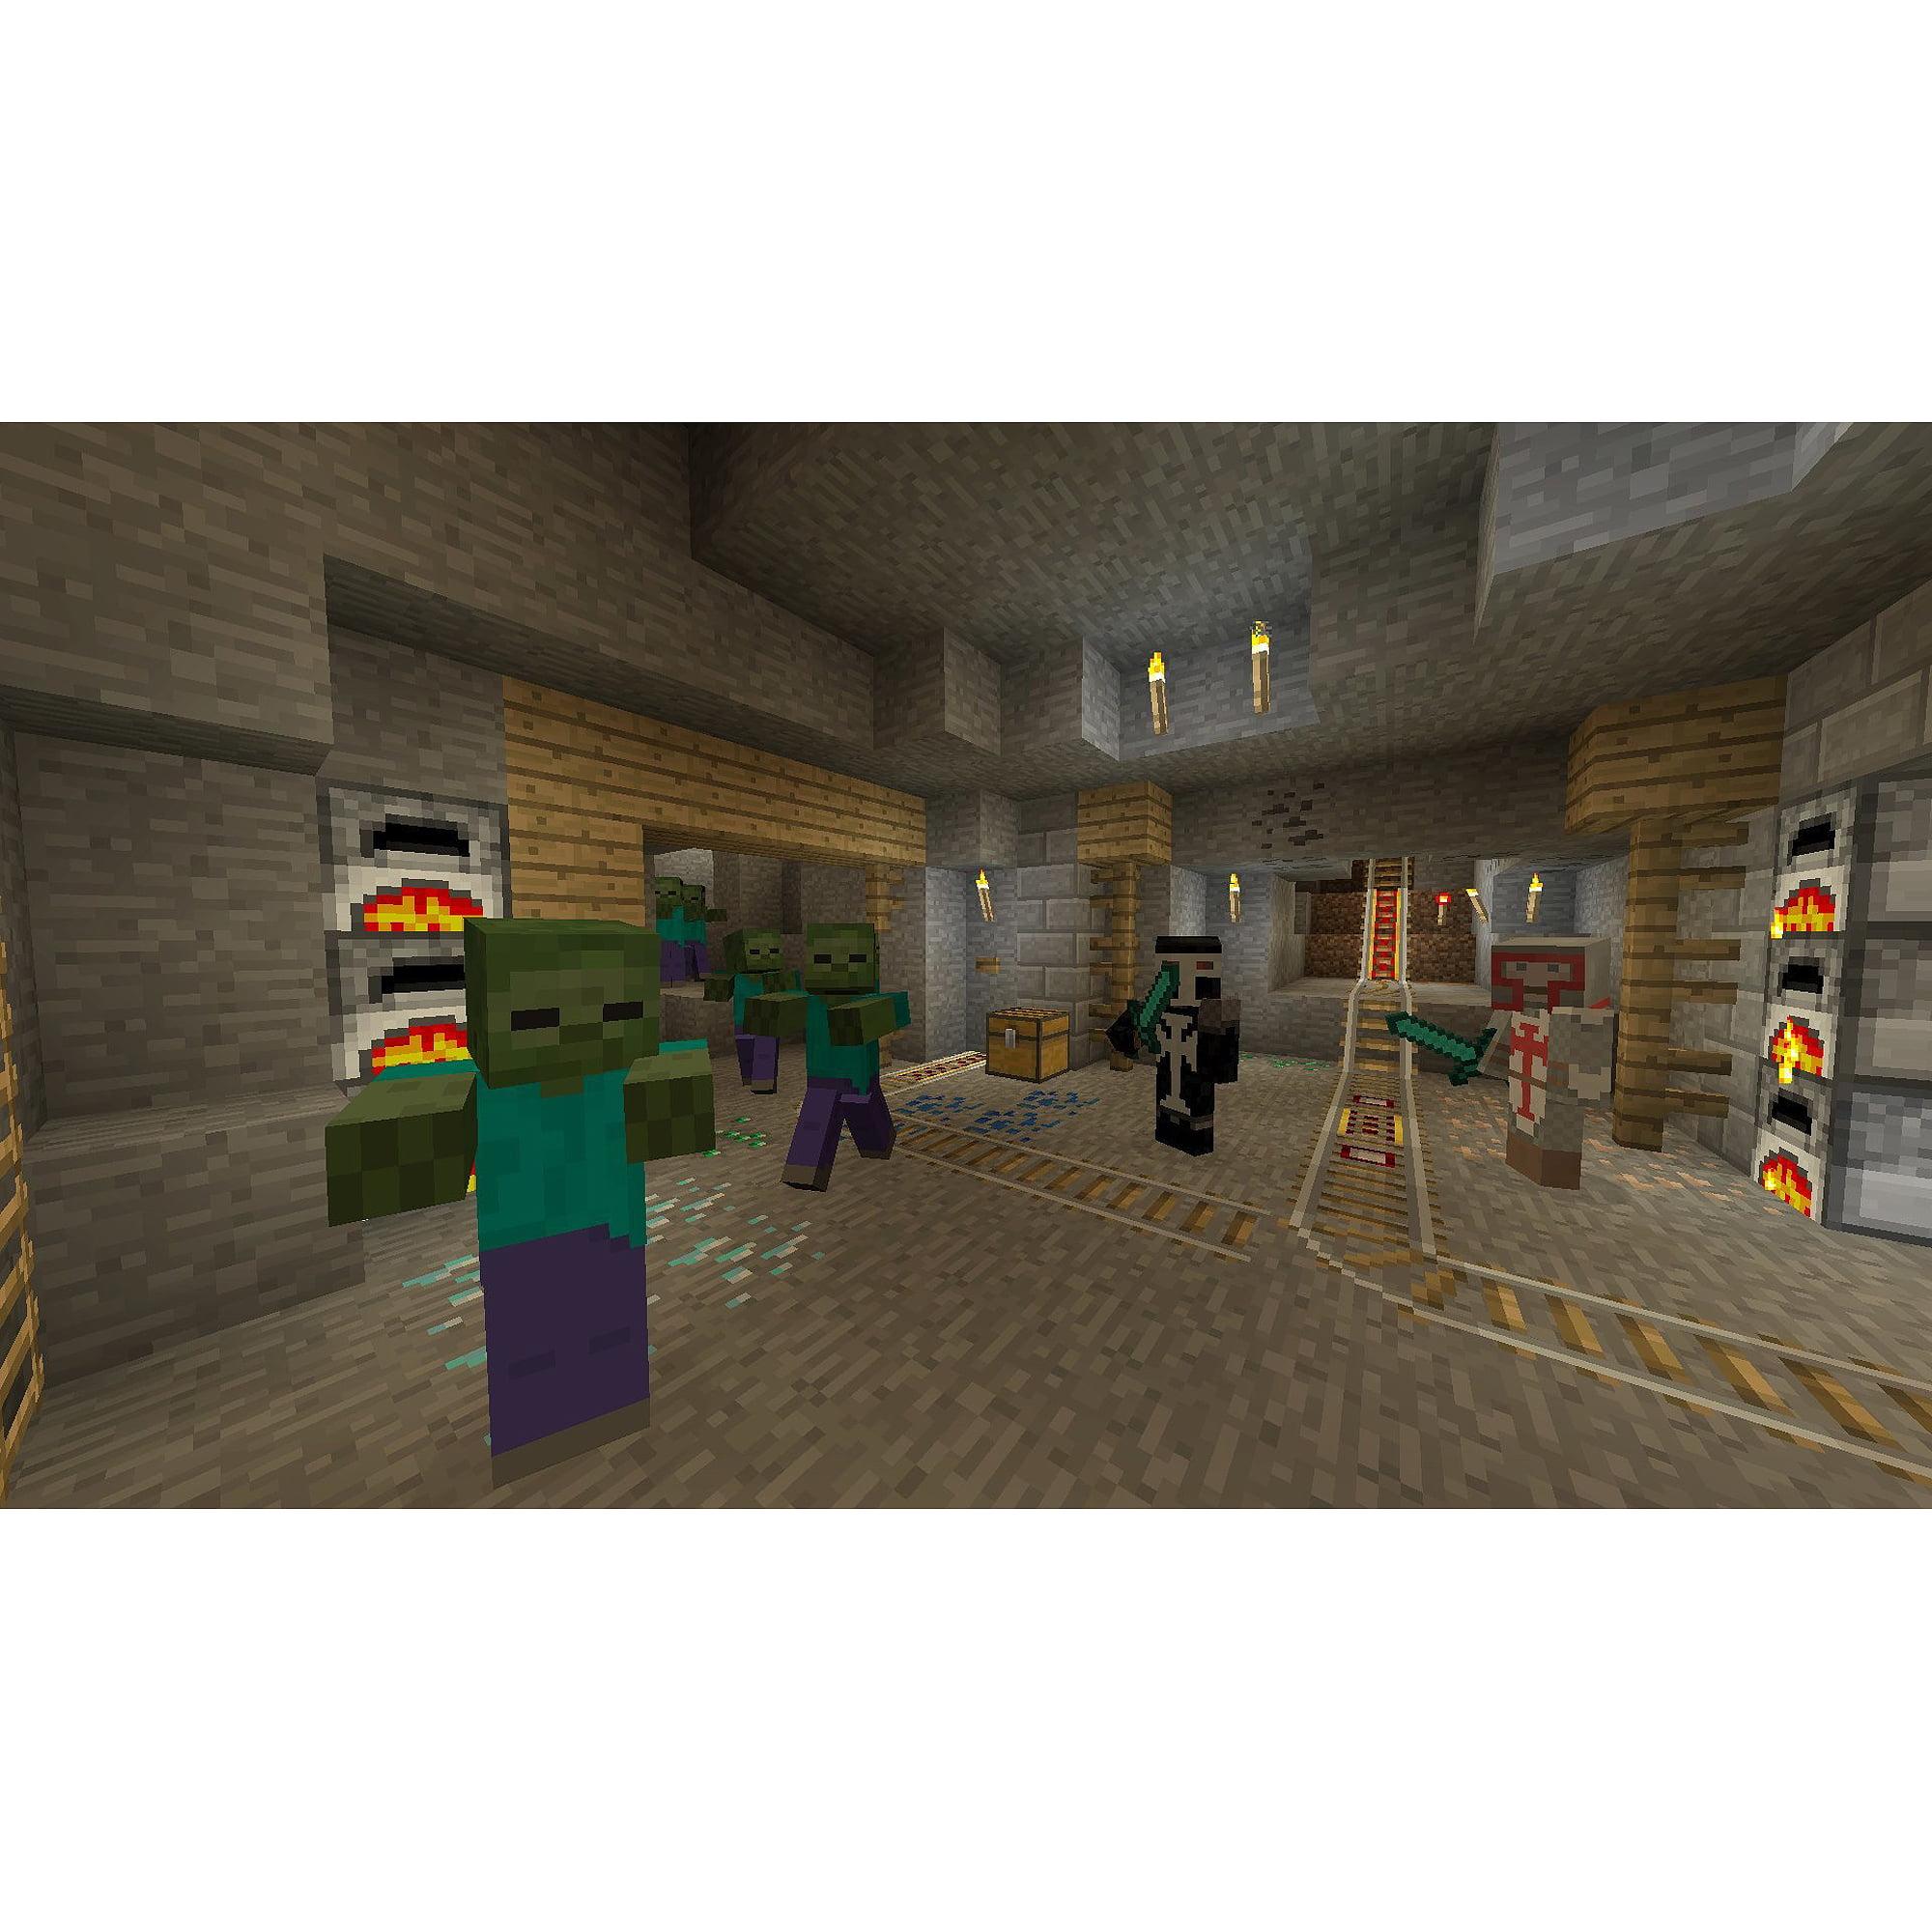 Minecraft Sony PlayStation Walmartcom - Minecraft spiele ps4